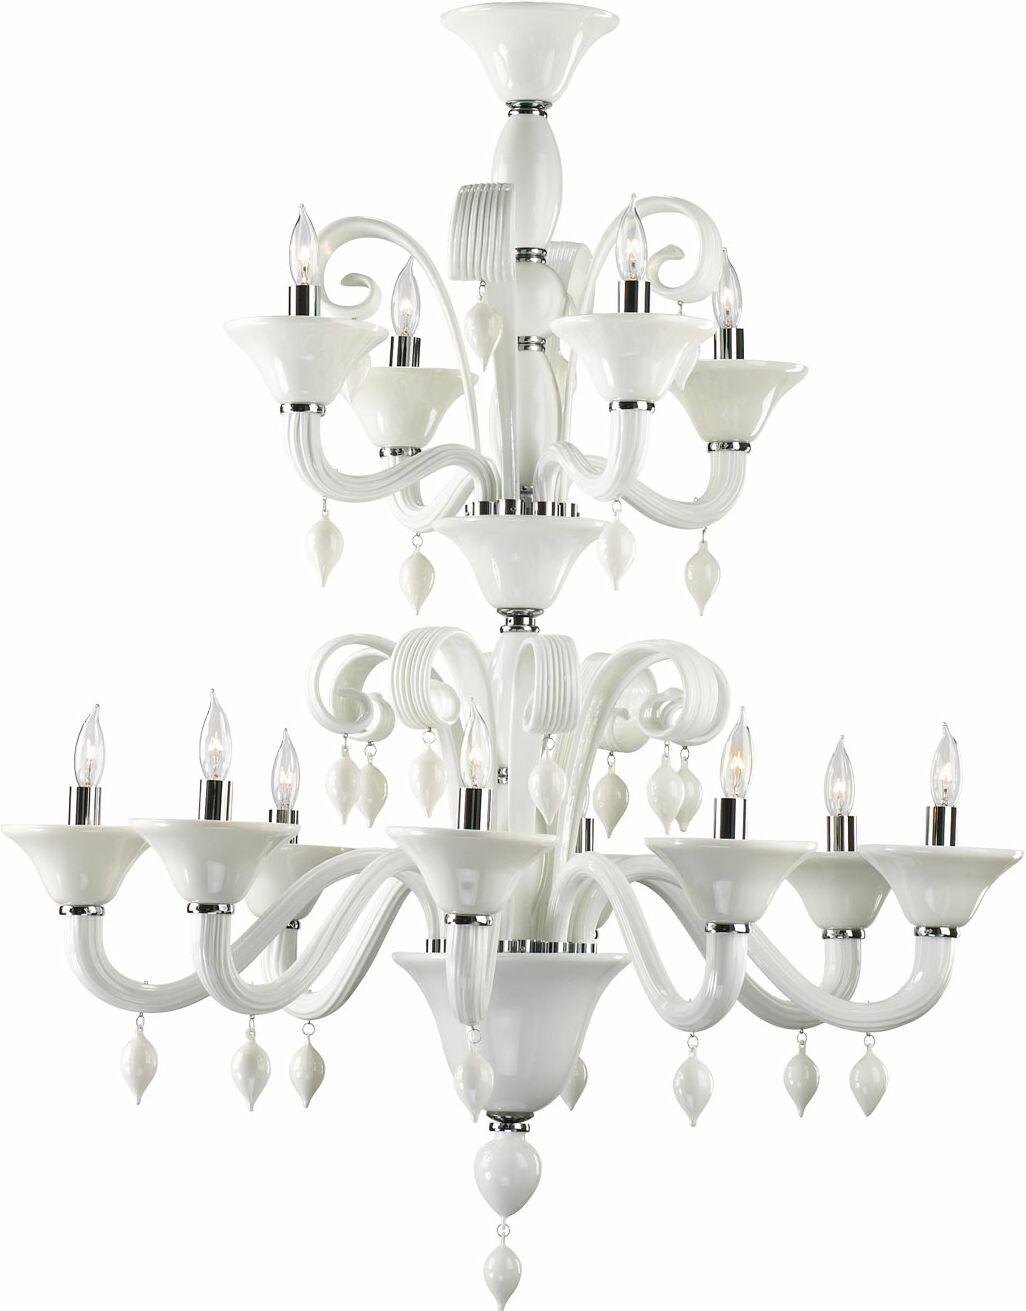 Treviso 12-Light Chandelier Color: White